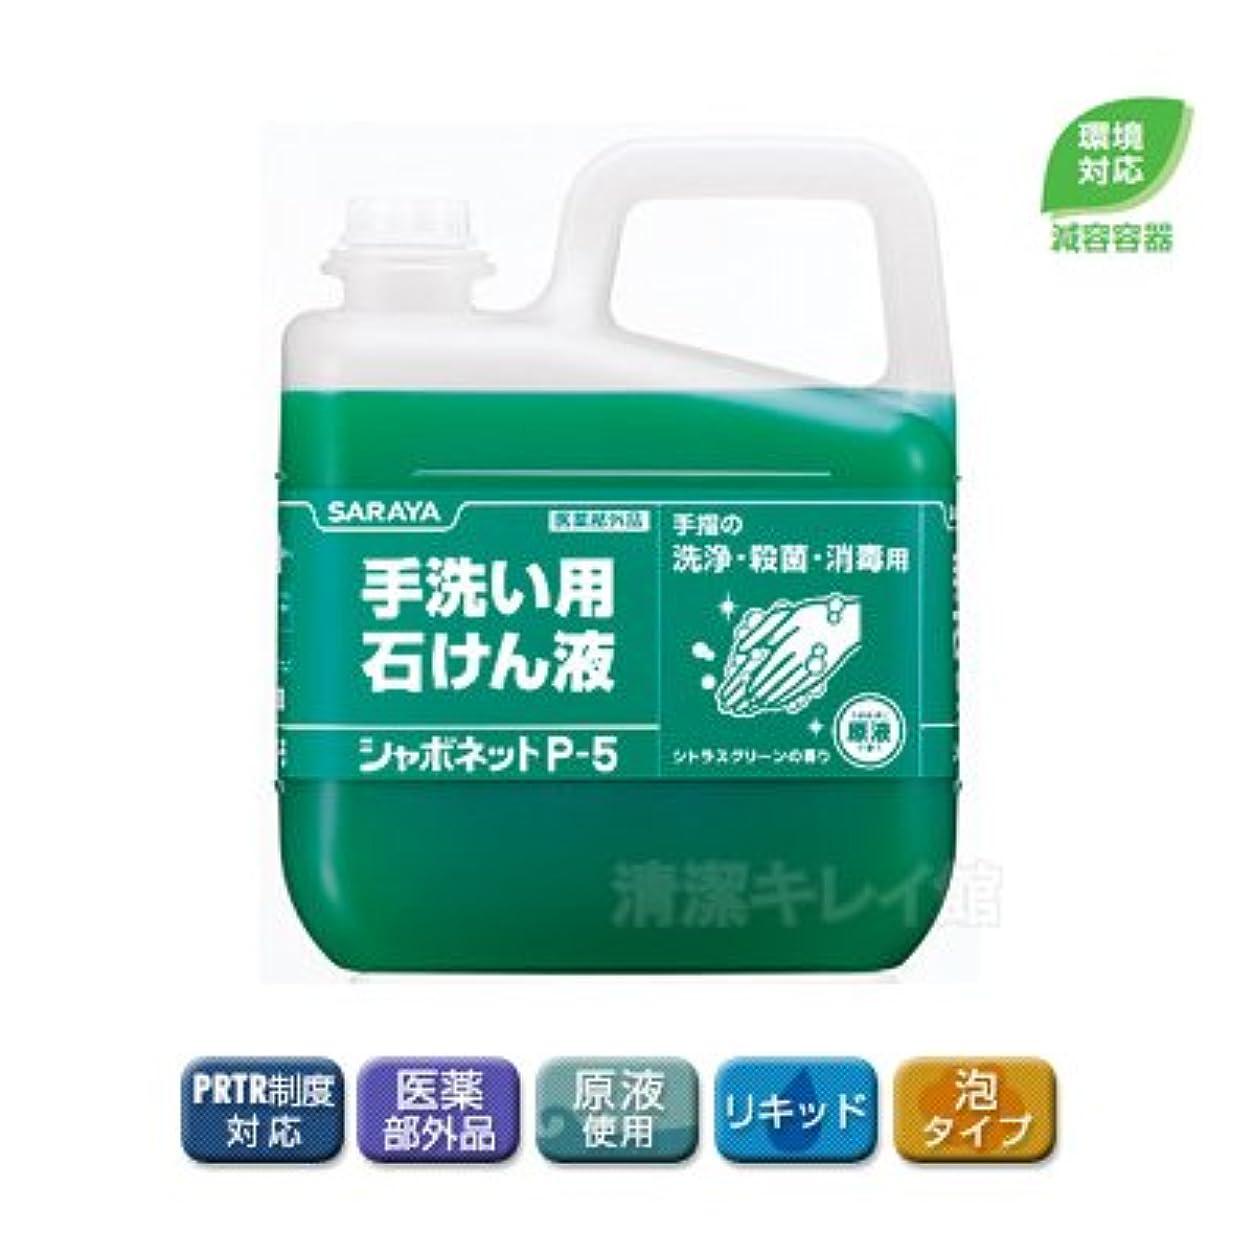 おびえた女の子省【清潔キレイ館】サラヤ シャボネット石鹸液P-5(5kg)